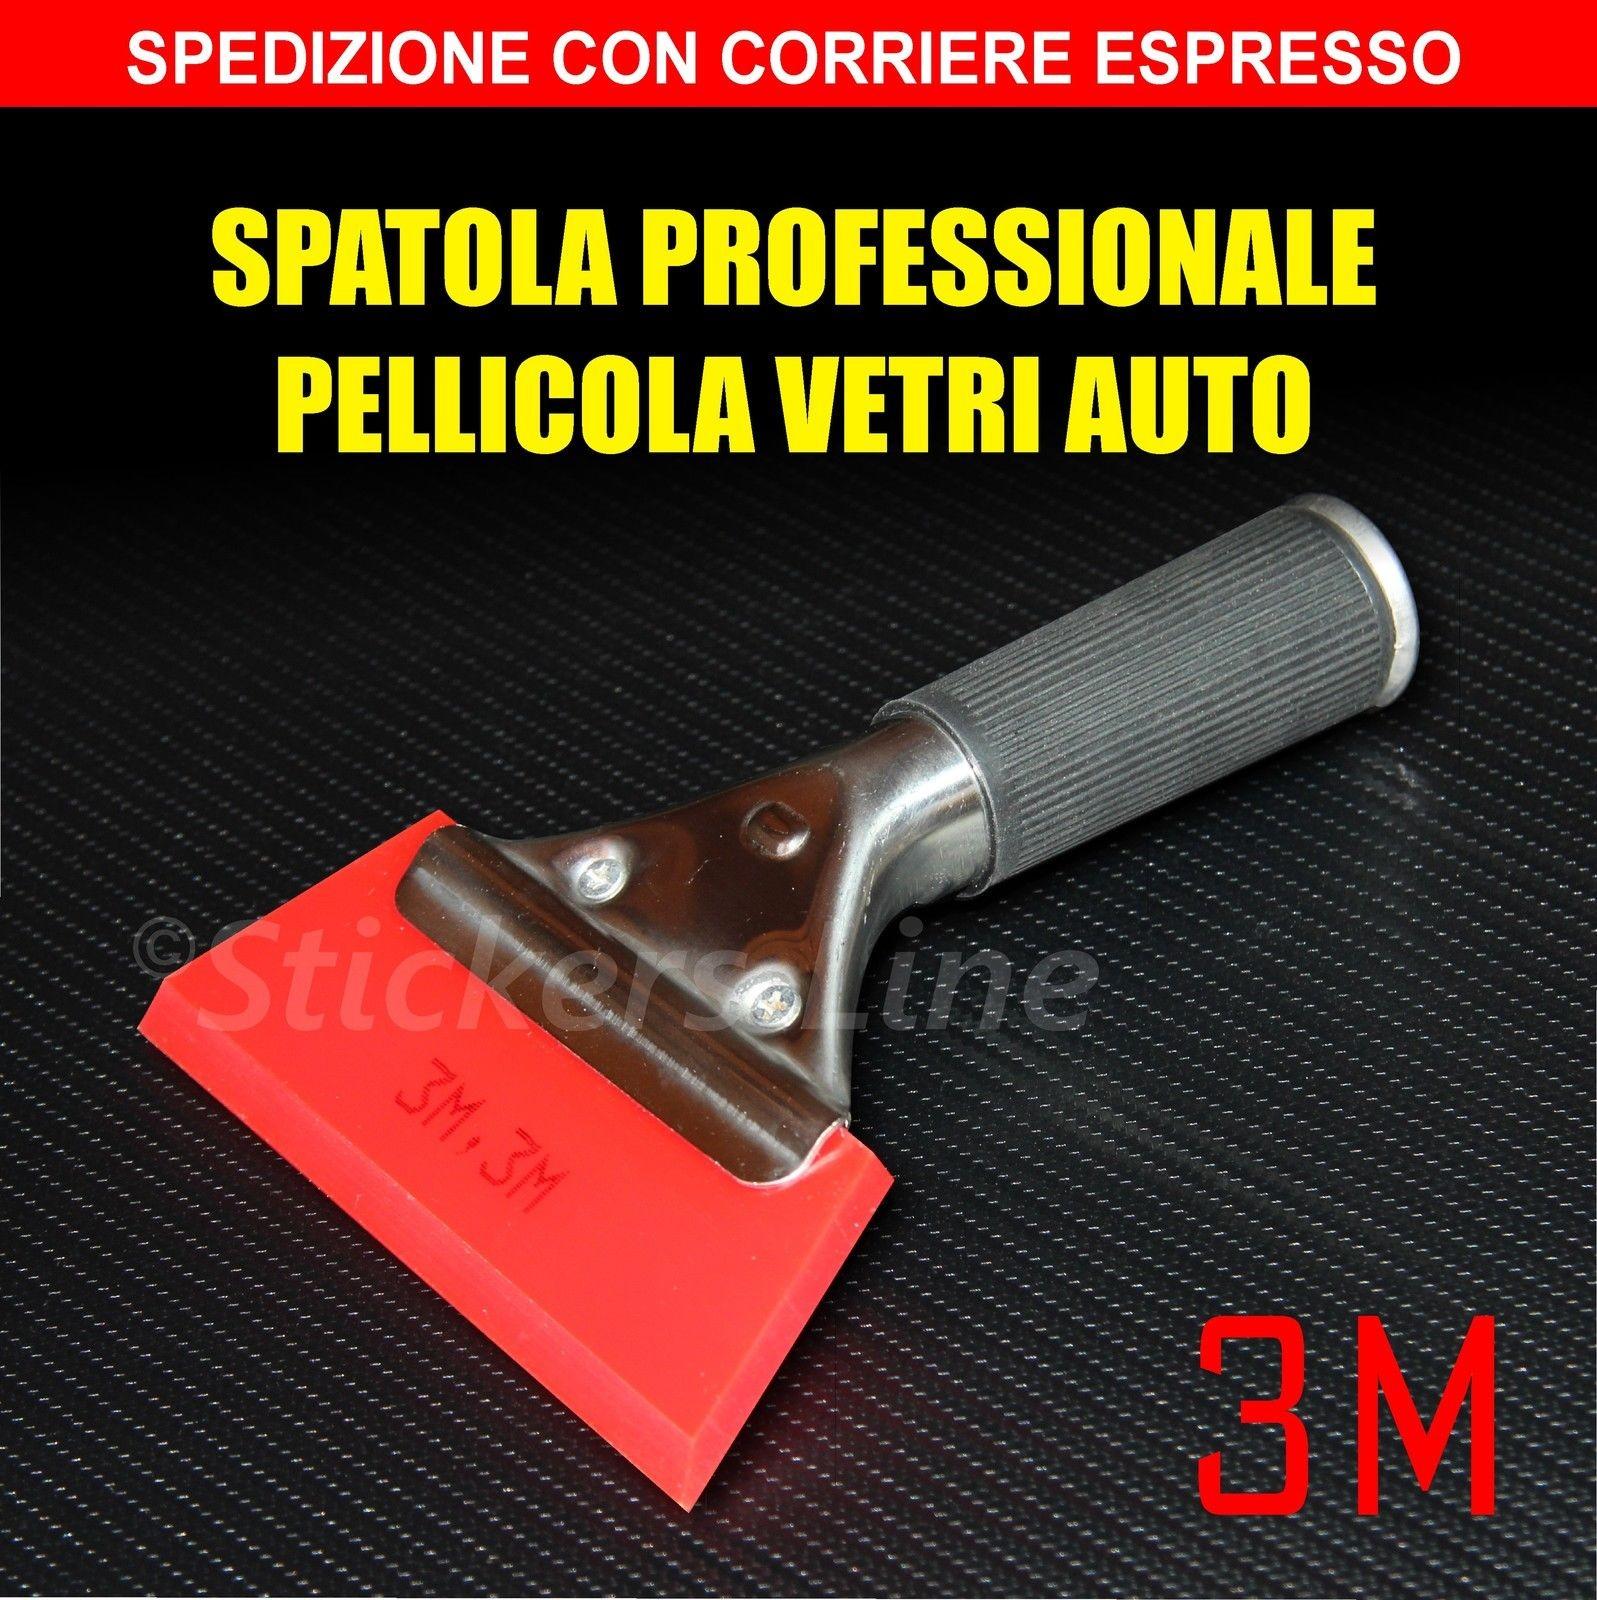 Spatola Pellicola Oscurante Vetri Auto 3m Installare Pellicole